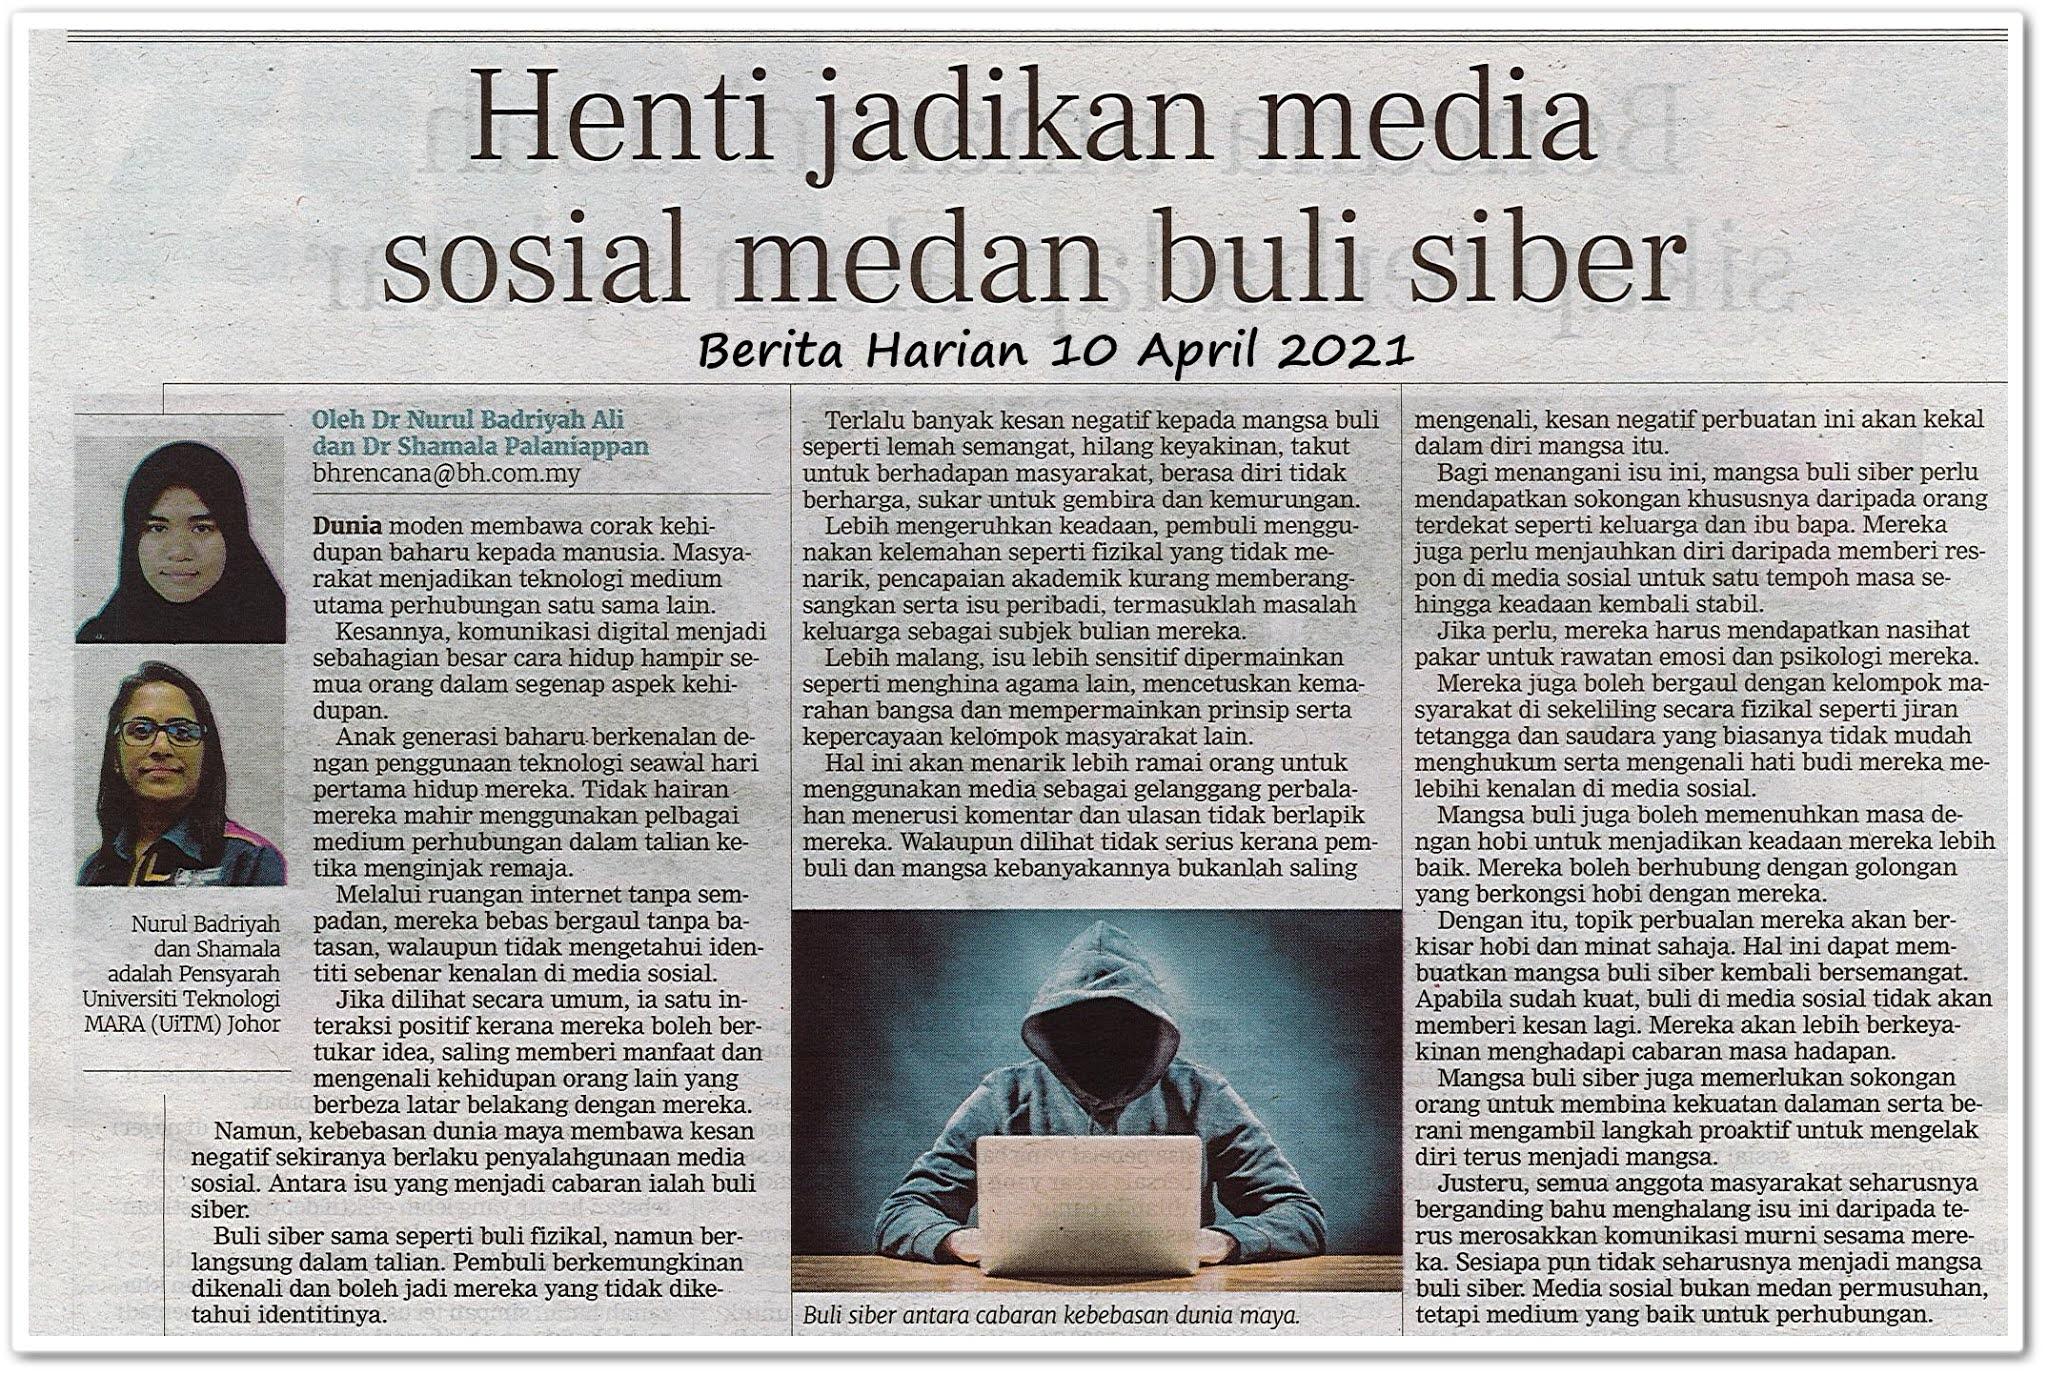 Henti jadikan media sosial medan buli siber - Keratan akhbar Berita Harian 10 April 2021